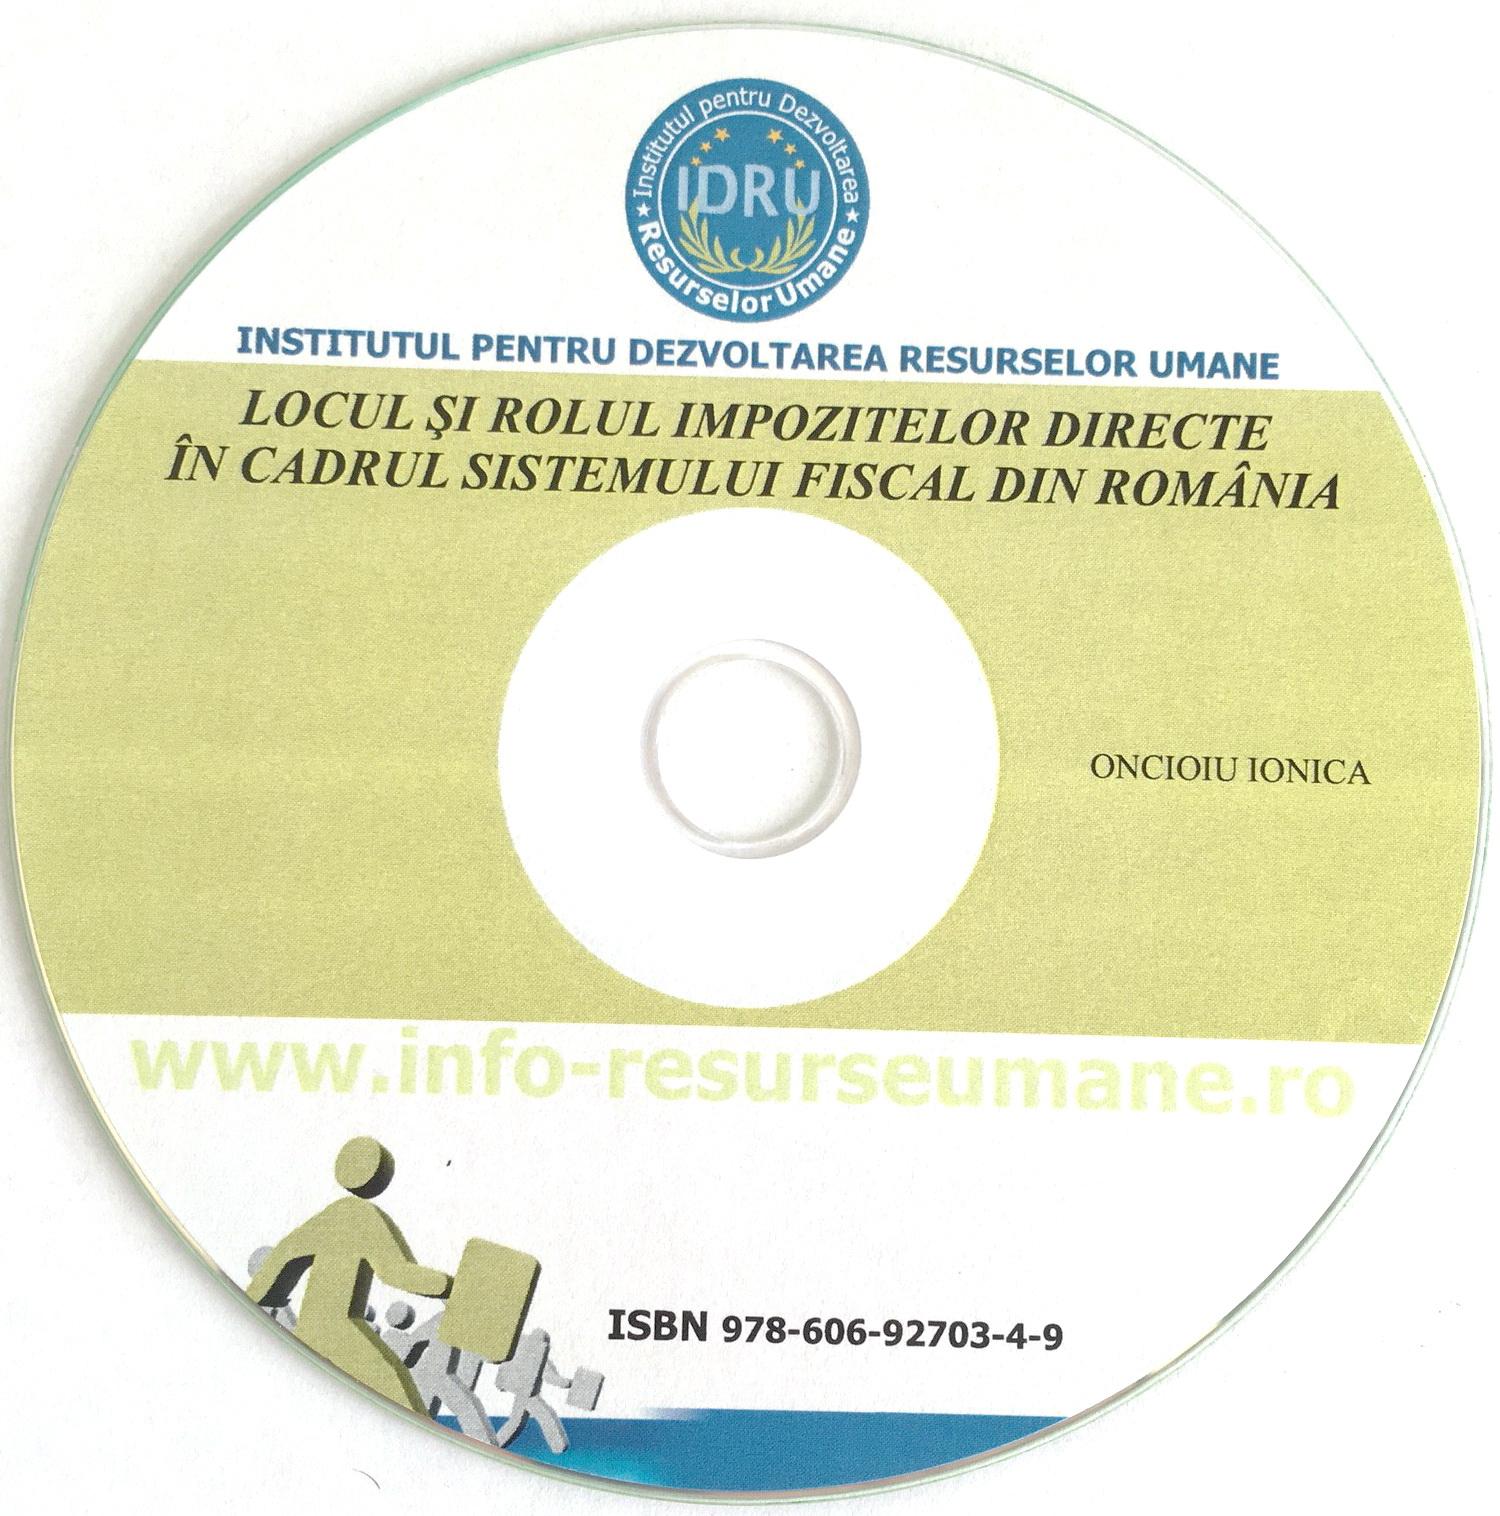 Locul si rolul impozitelor directe in cadrul sistemului fiscal din Romania